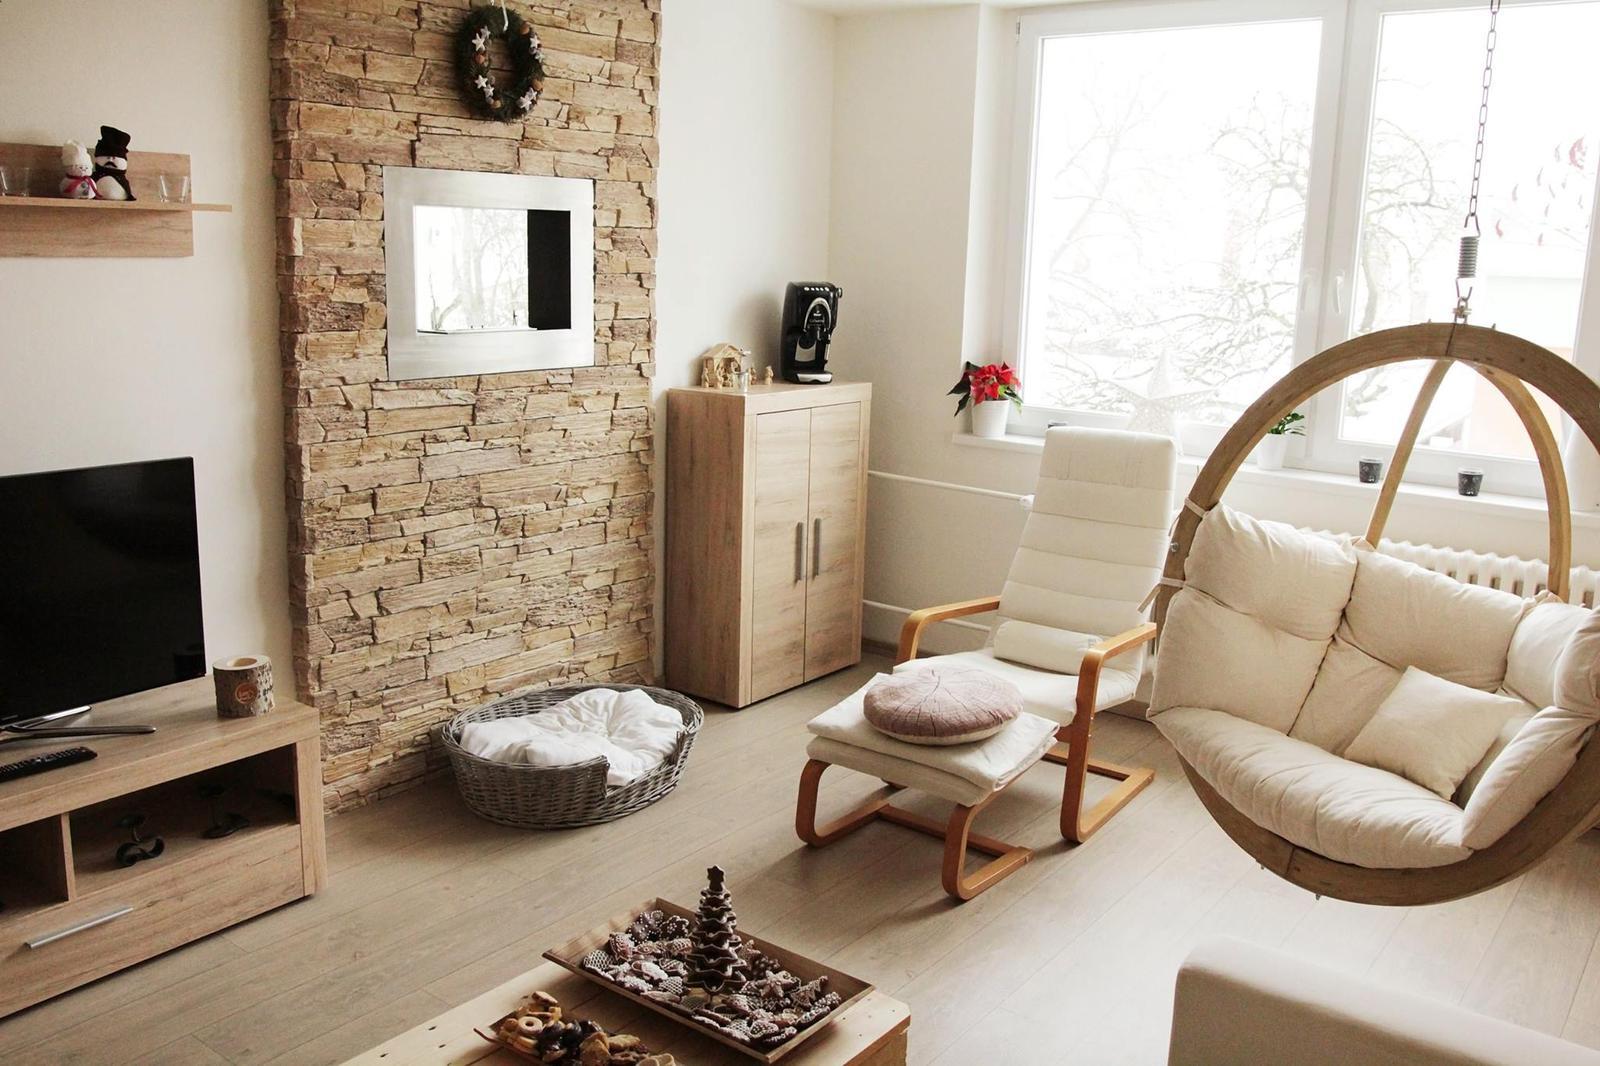 obkladyrepa - Betonové obklady s precizním zpracováním v interiéru.